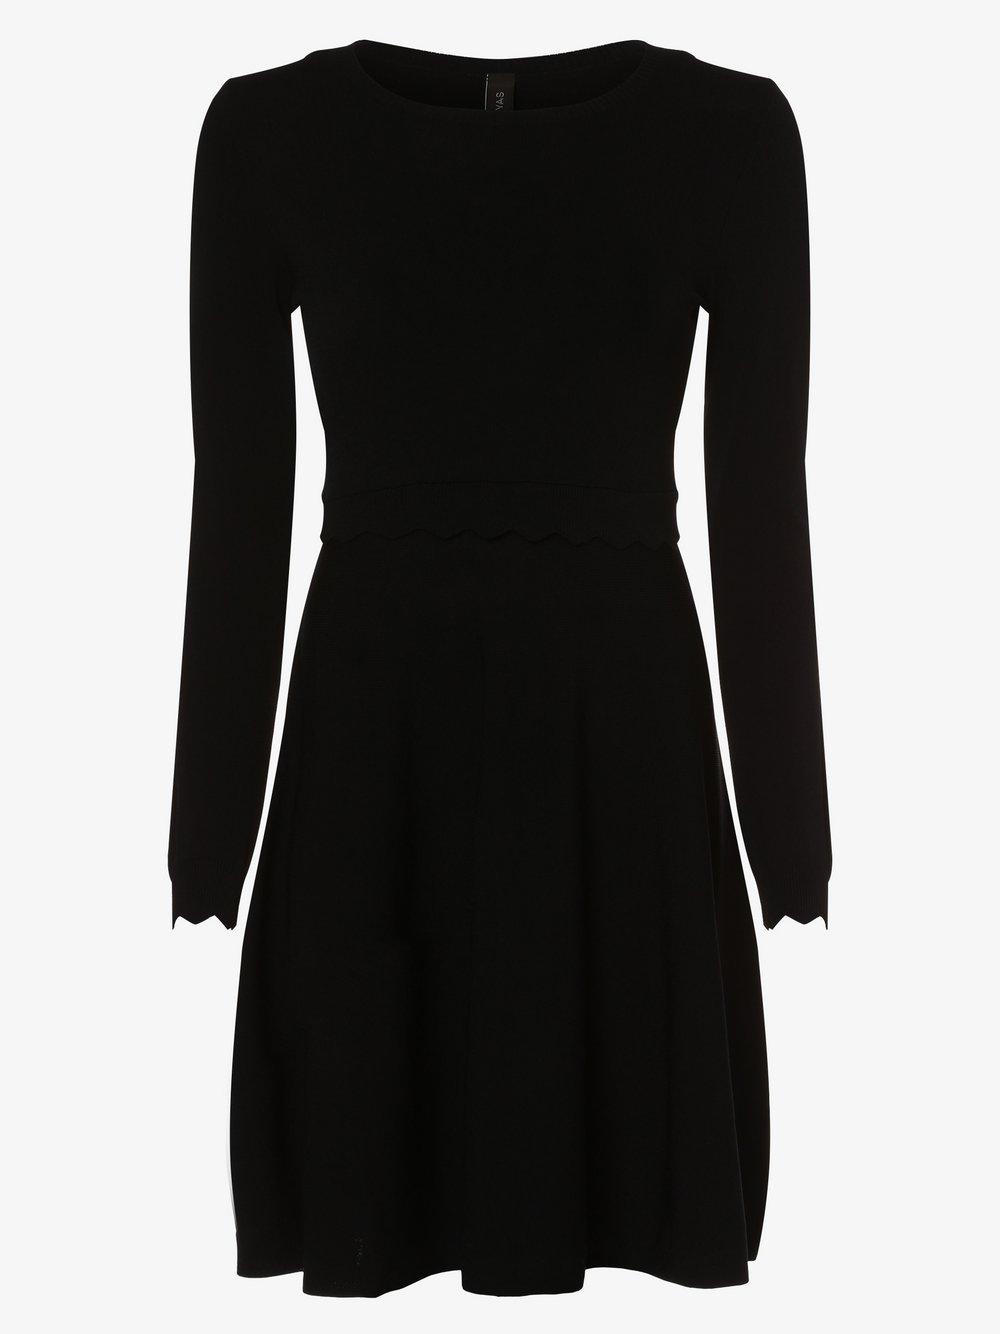 Y.A.S – Sukienka damska – Yasbecca, czarny Van Graaf 447425-0001